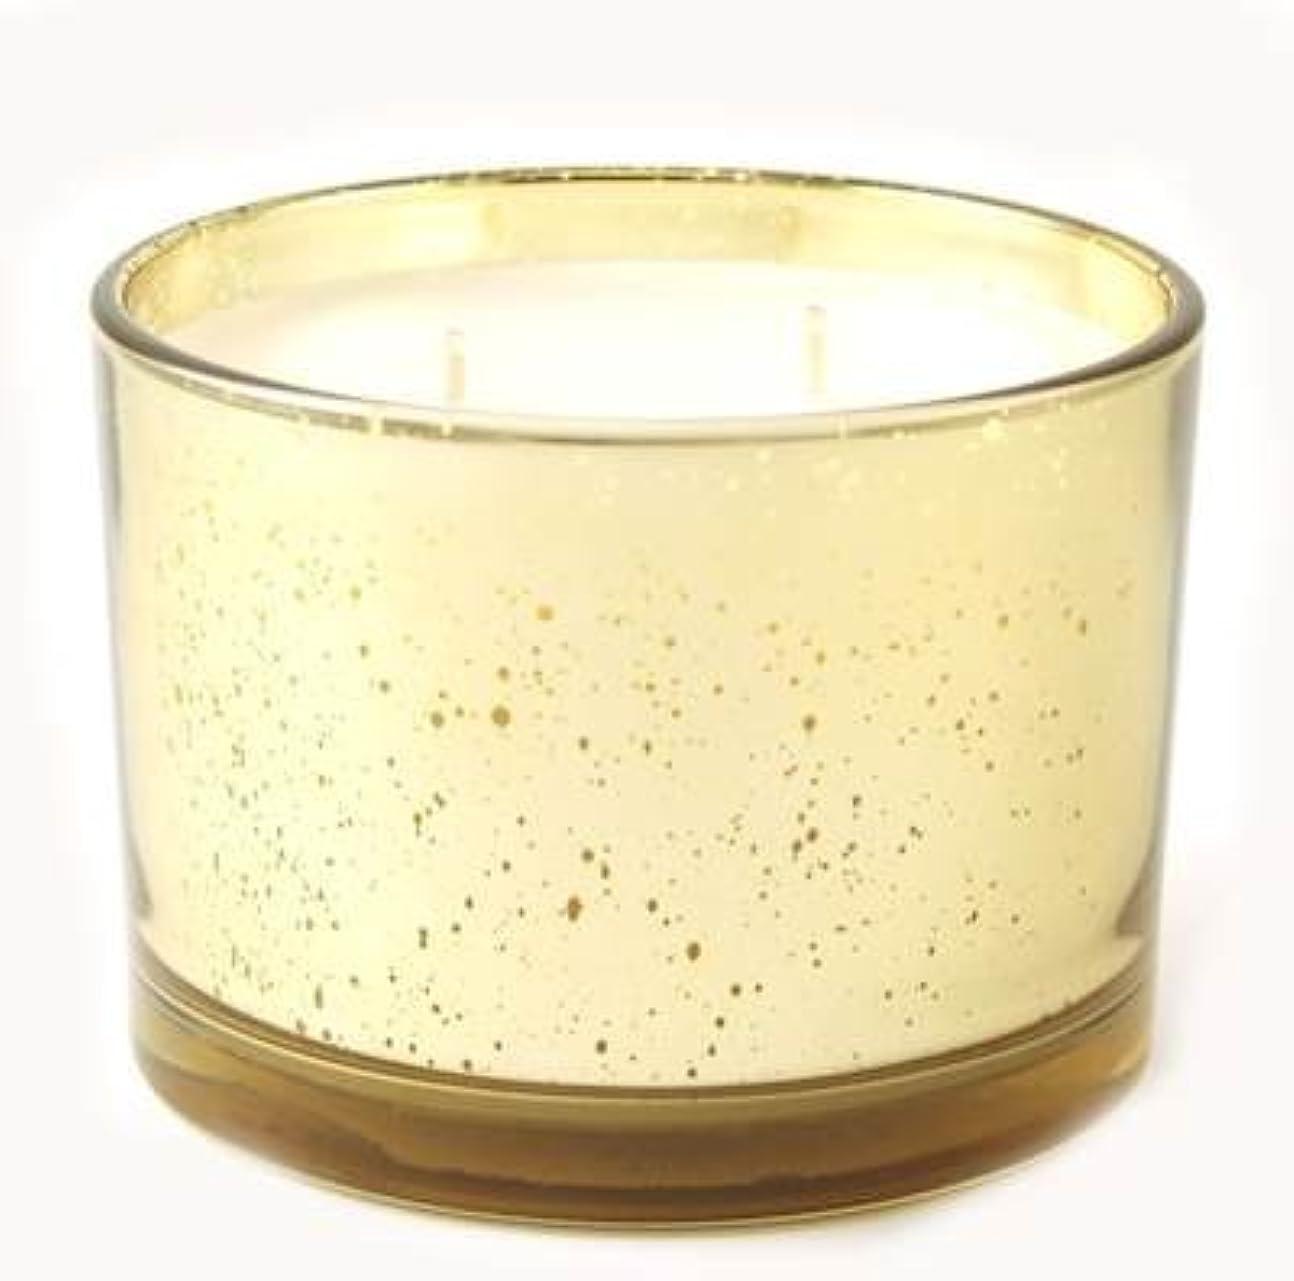 シャンプー後ろに政府アップルサイダーTyler Statureゴールドonゴールド16oz香りつきJar Candle